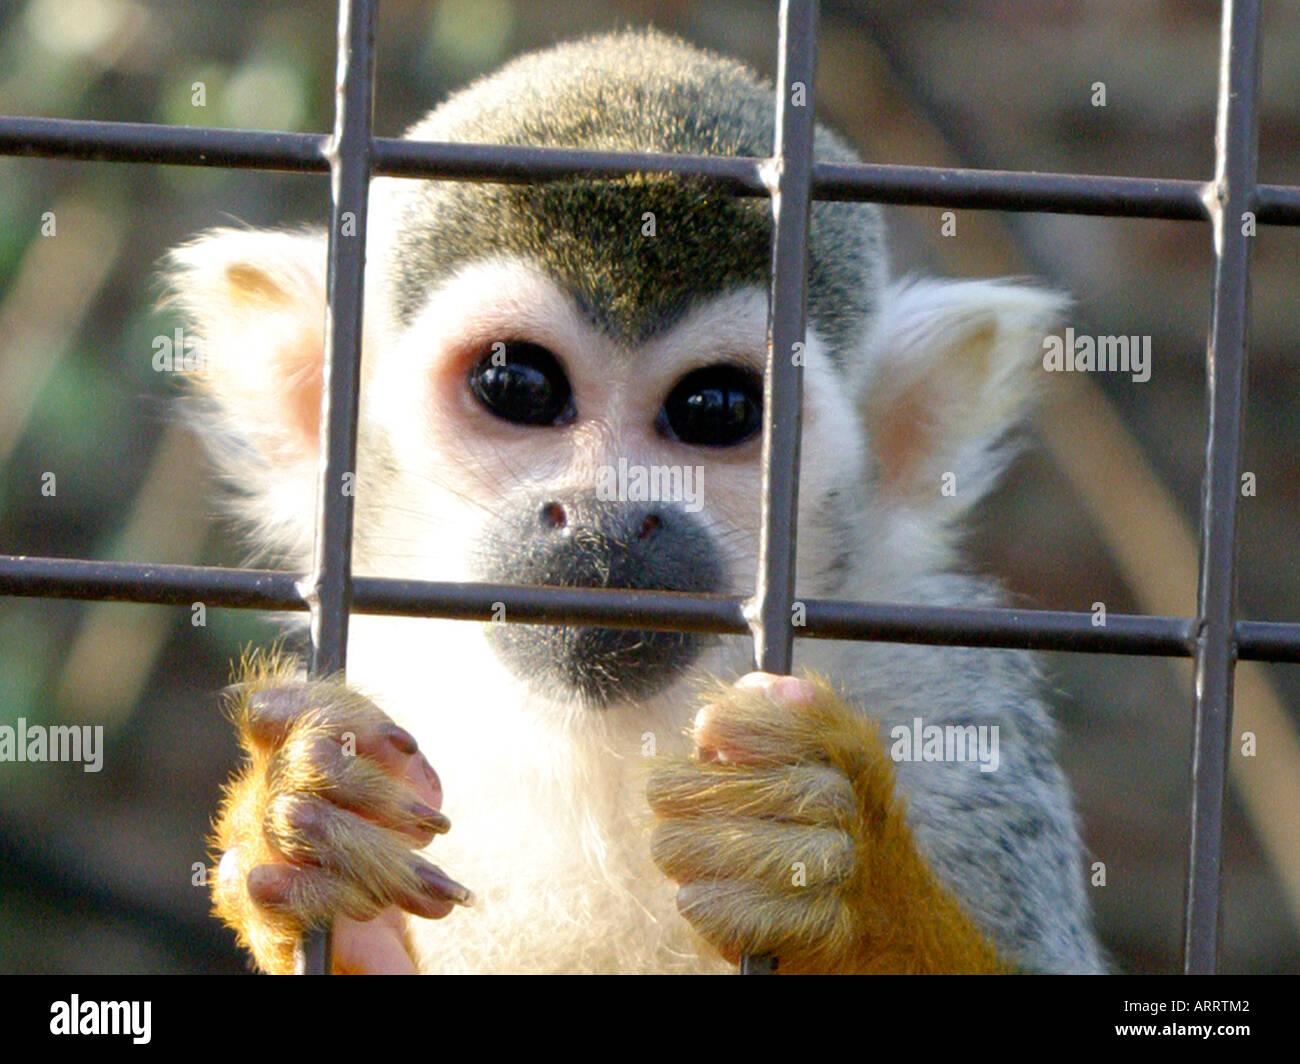 Un singe-écureuil dans une cage, à la recherche de derrière les barreaux. Banque D'Images